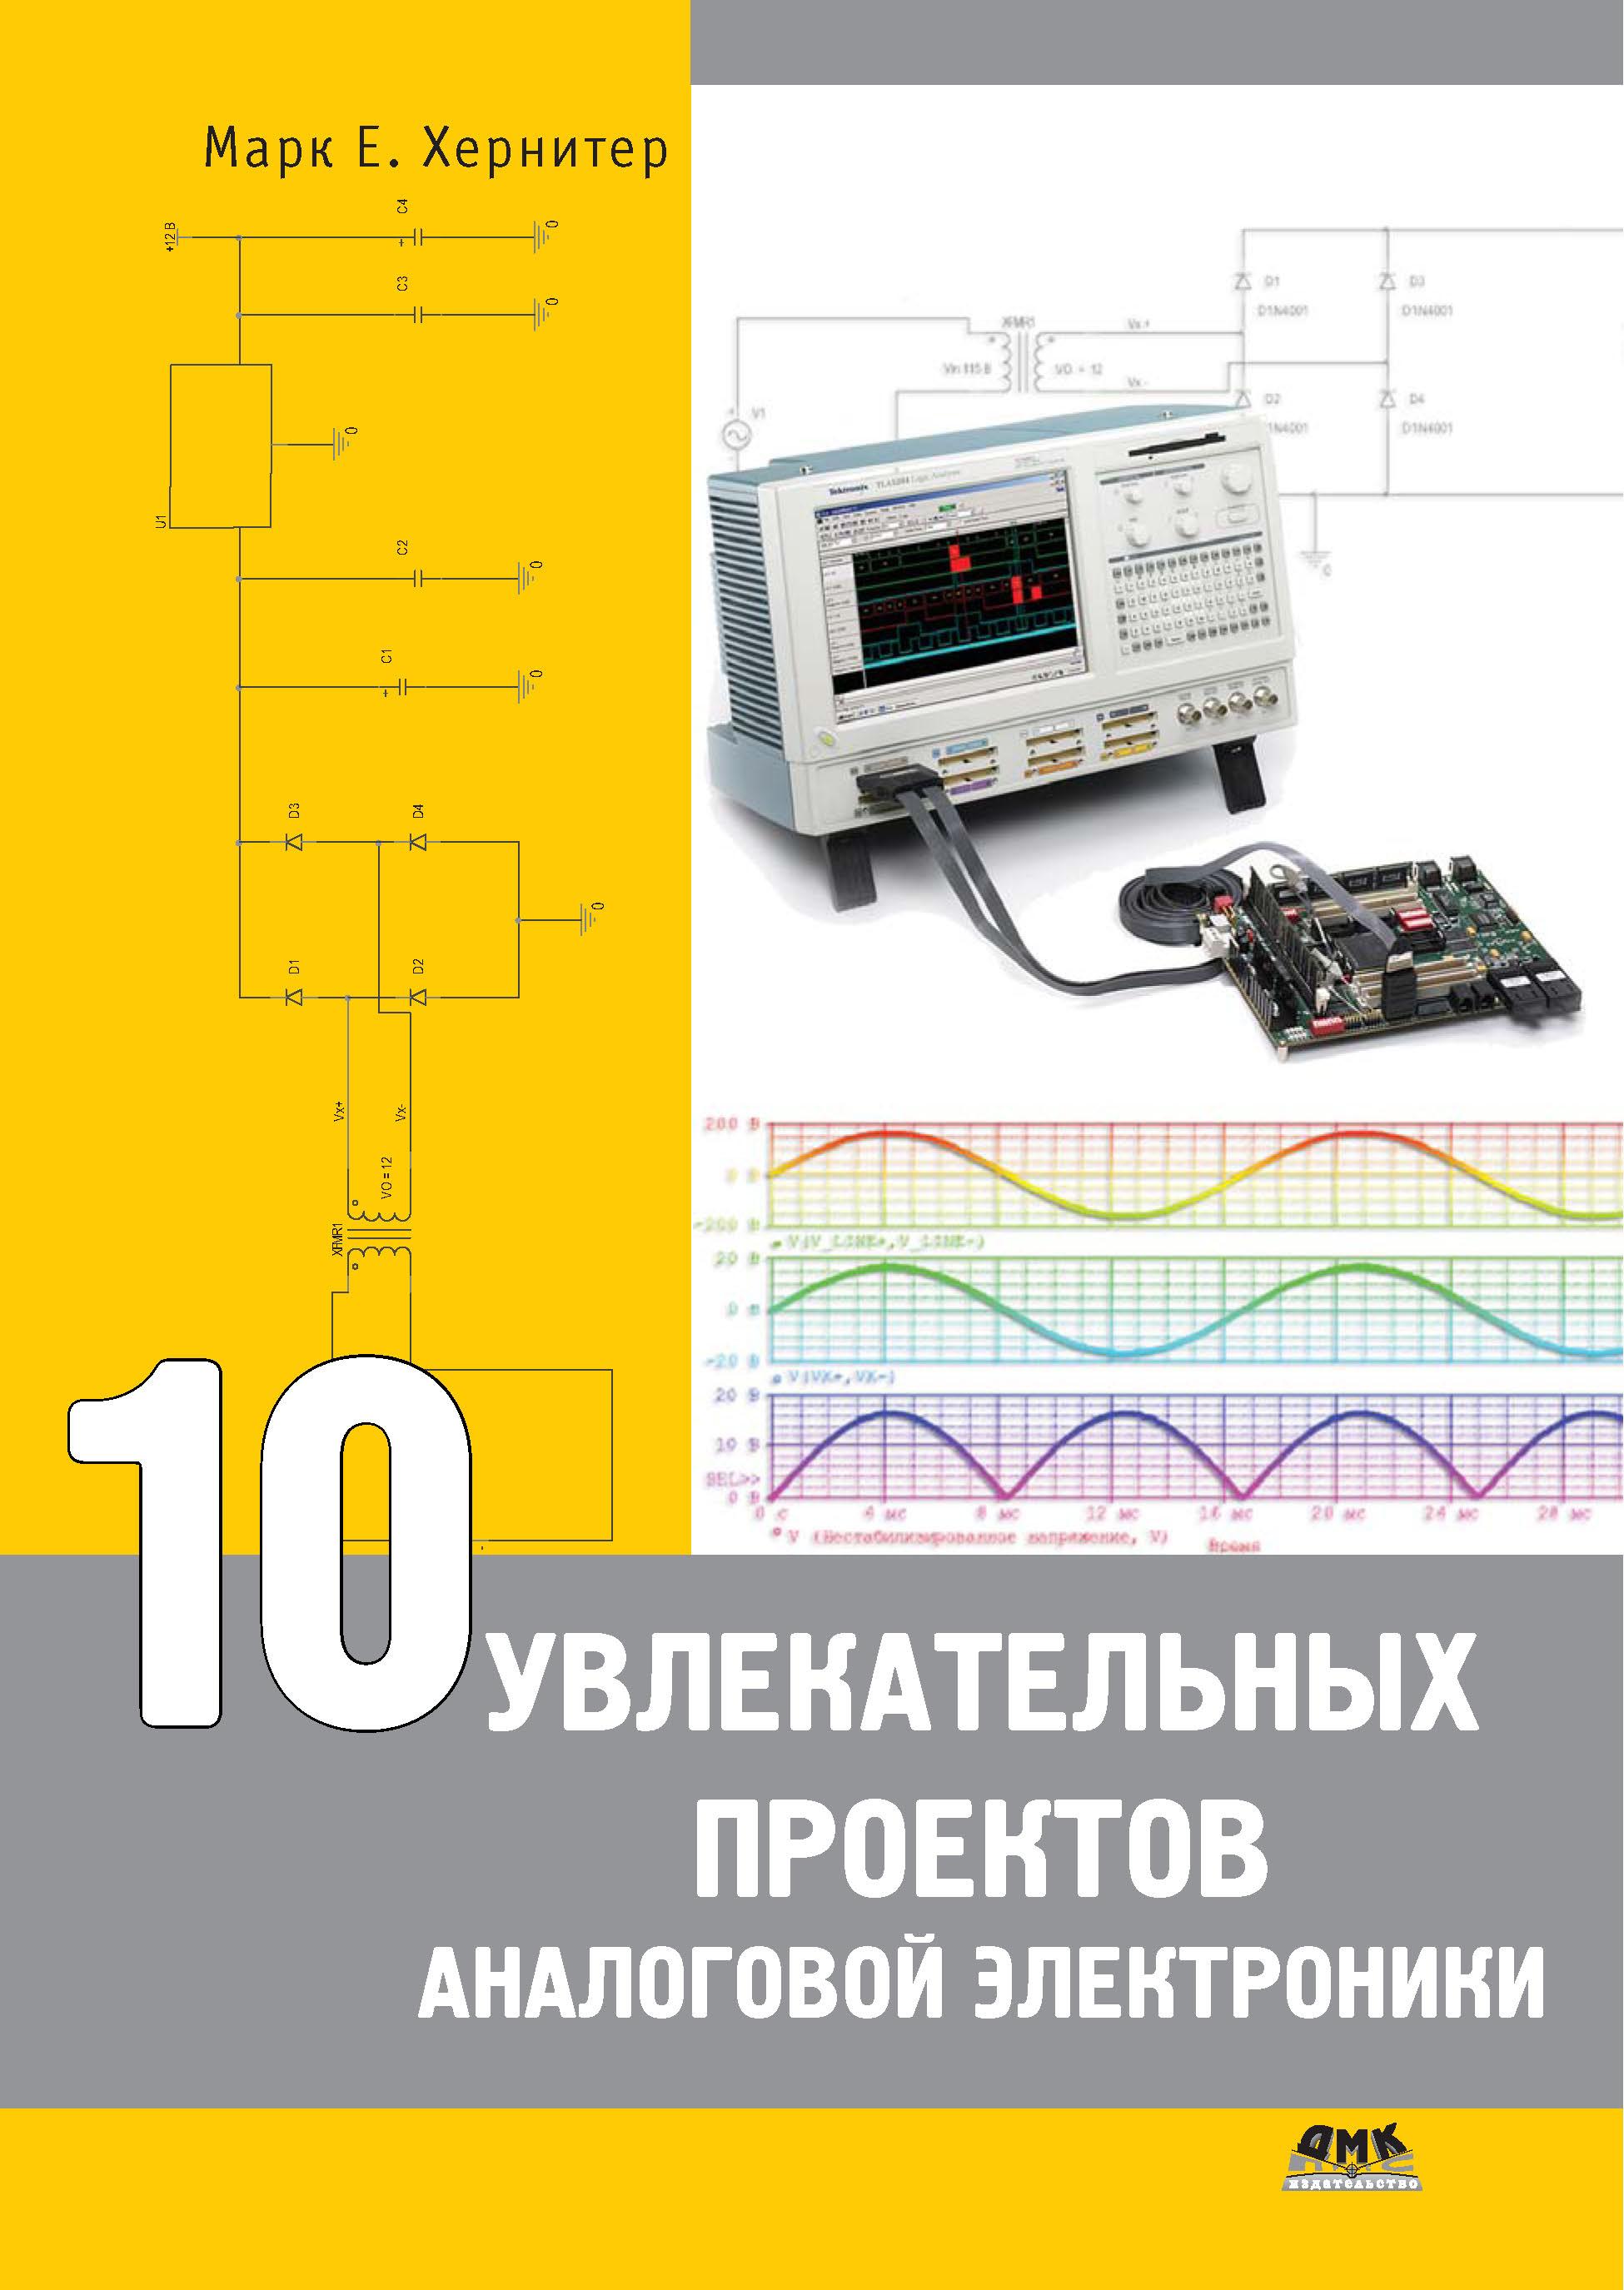 10увлекательных проектов аналоговой электроники